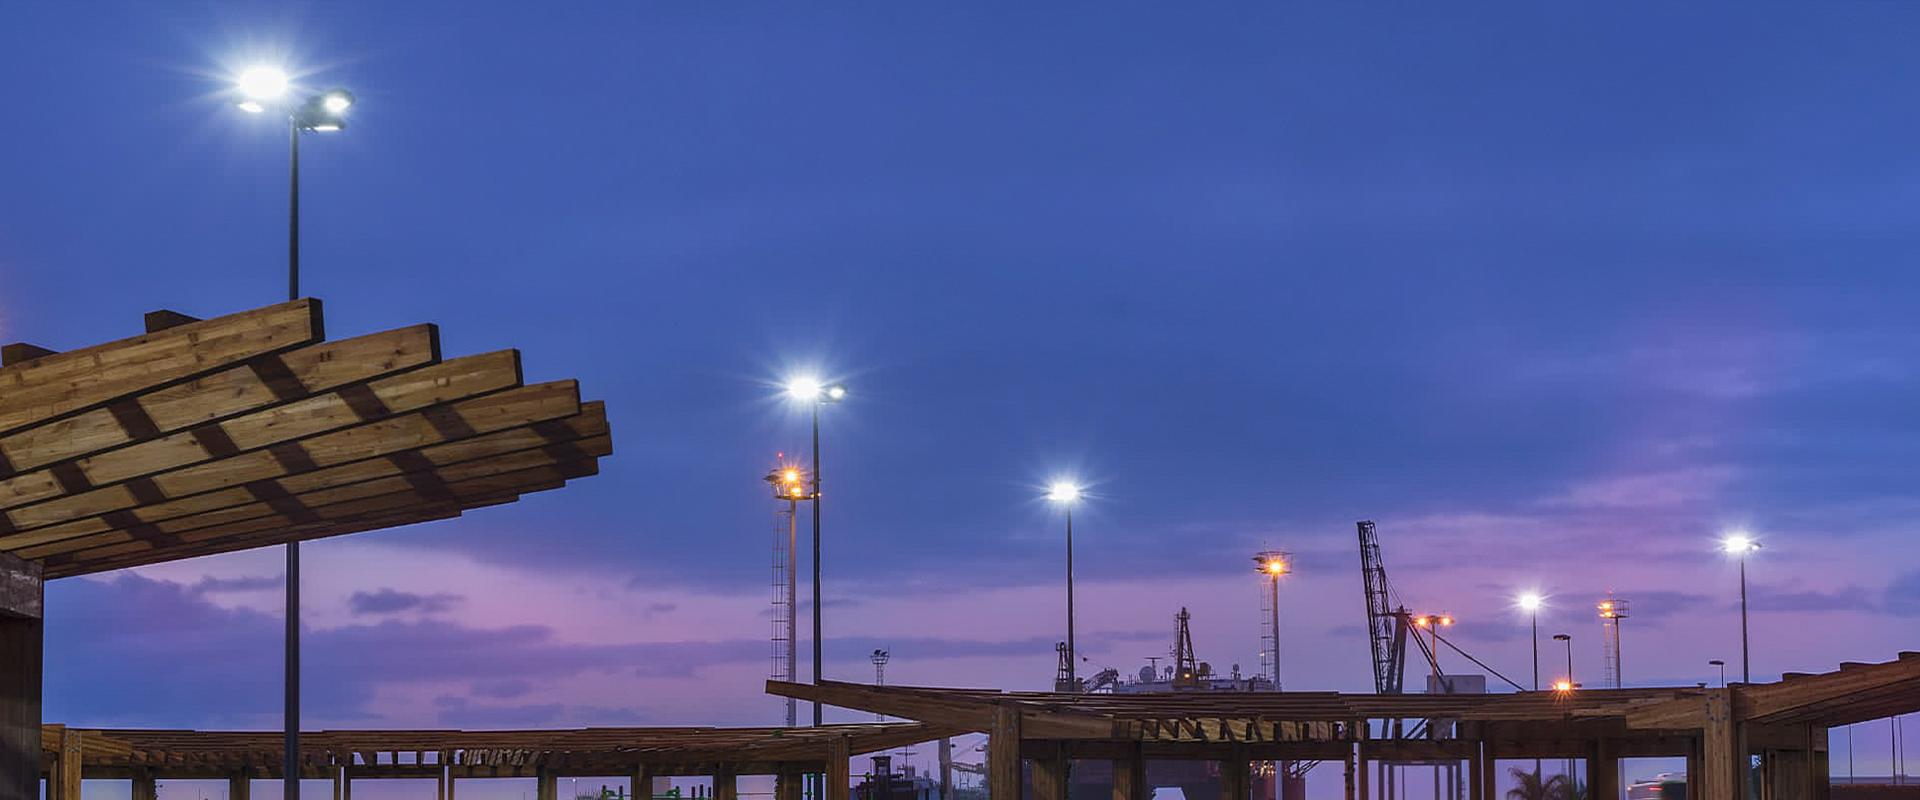 Faro proiettore led da esterno su torre faro.